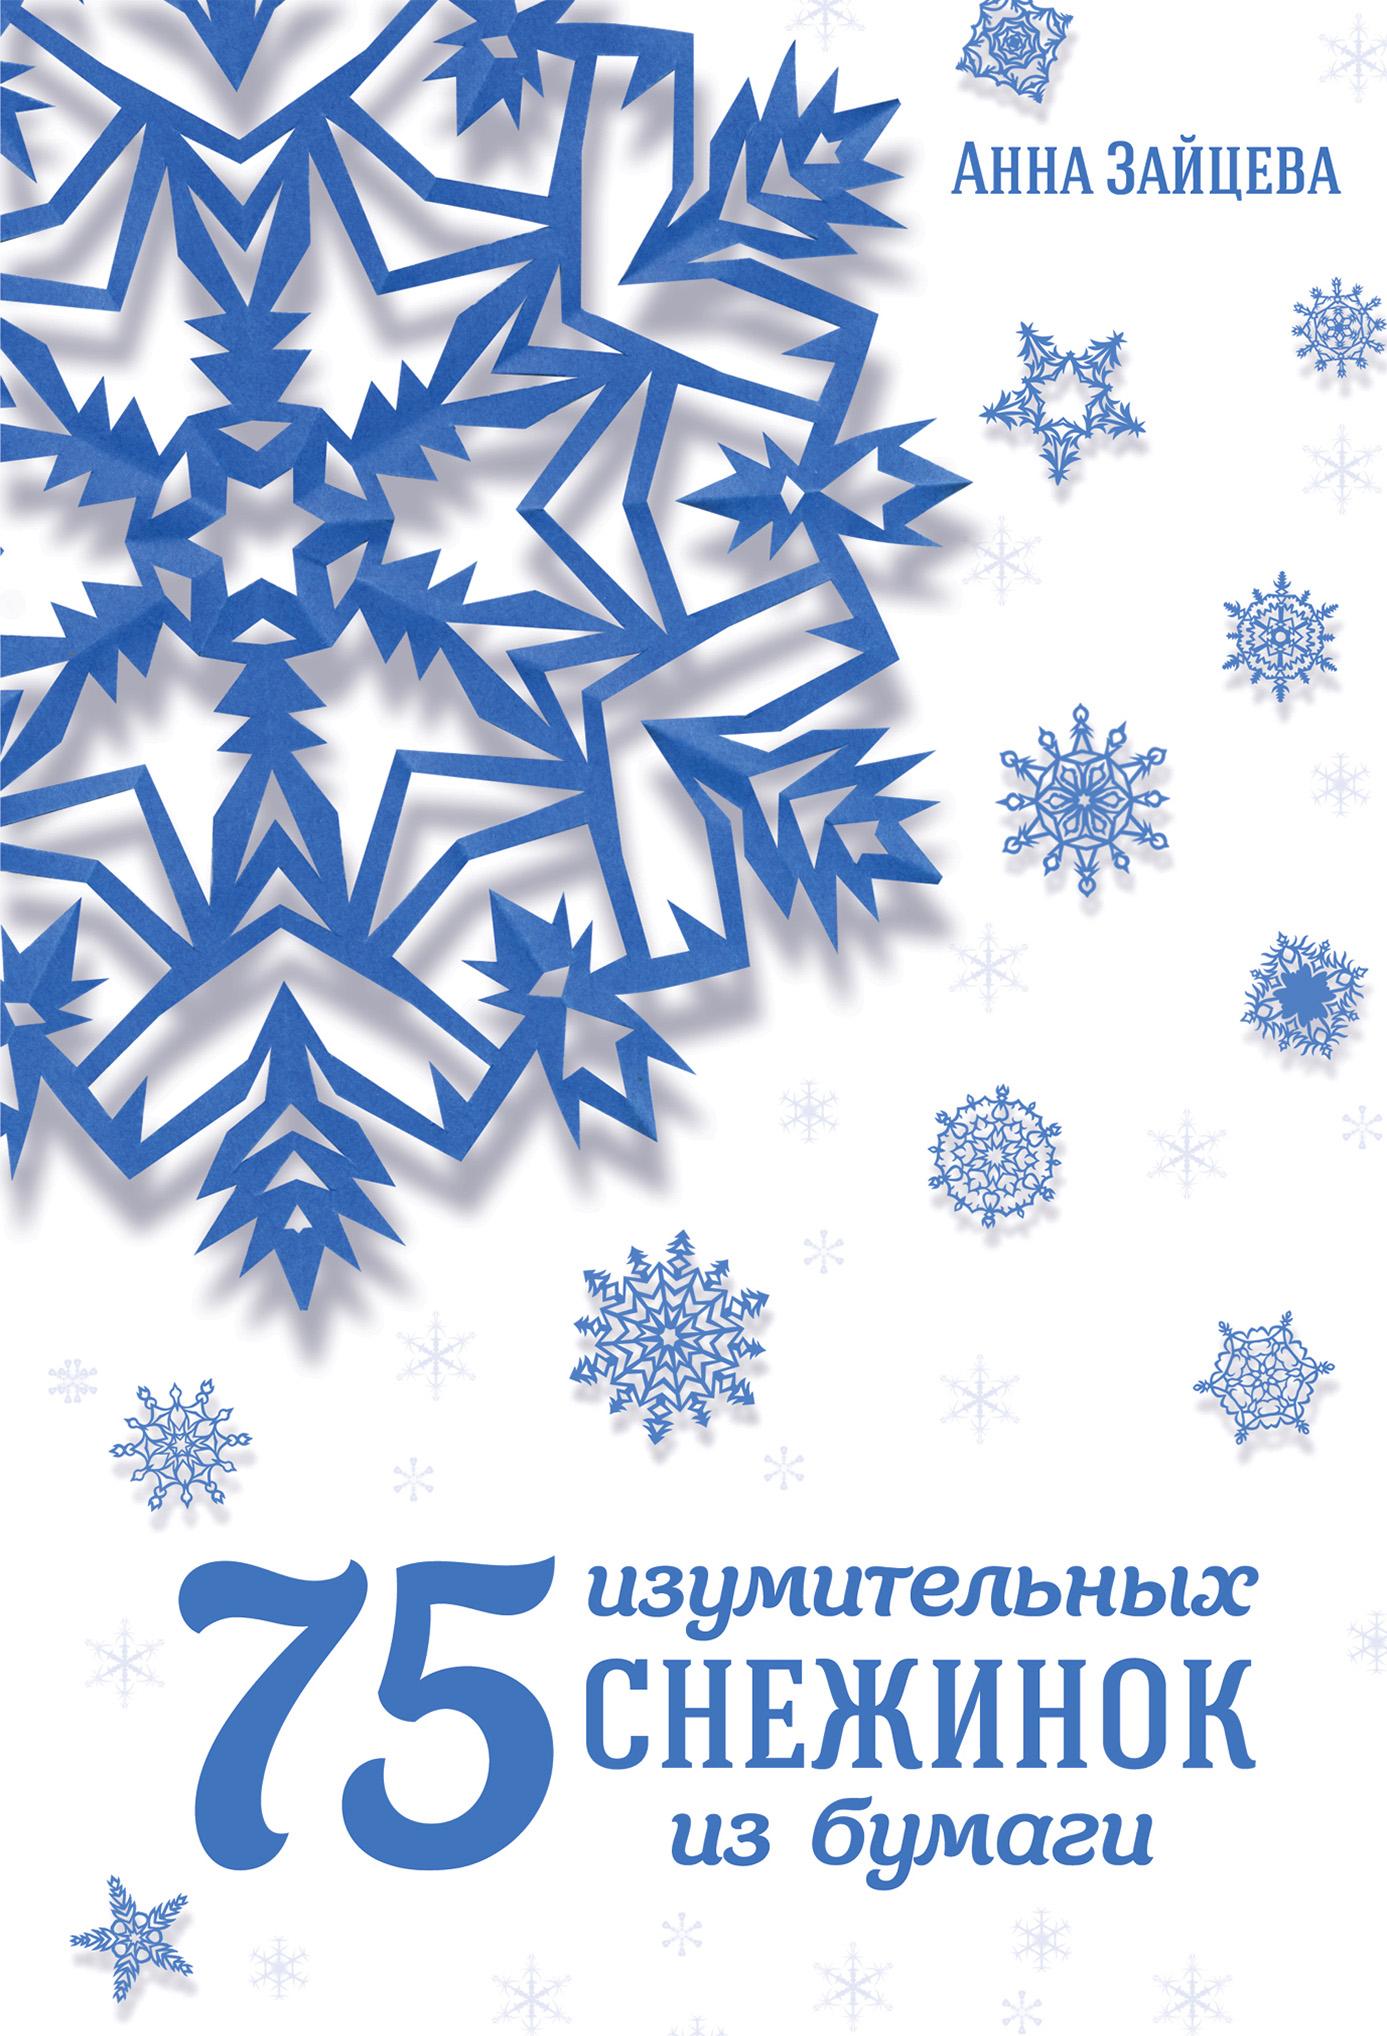 Анна Зайцева 75 изумительных снежинок из бумаги анна зайцева 75 изумительных снежинок из бумаги